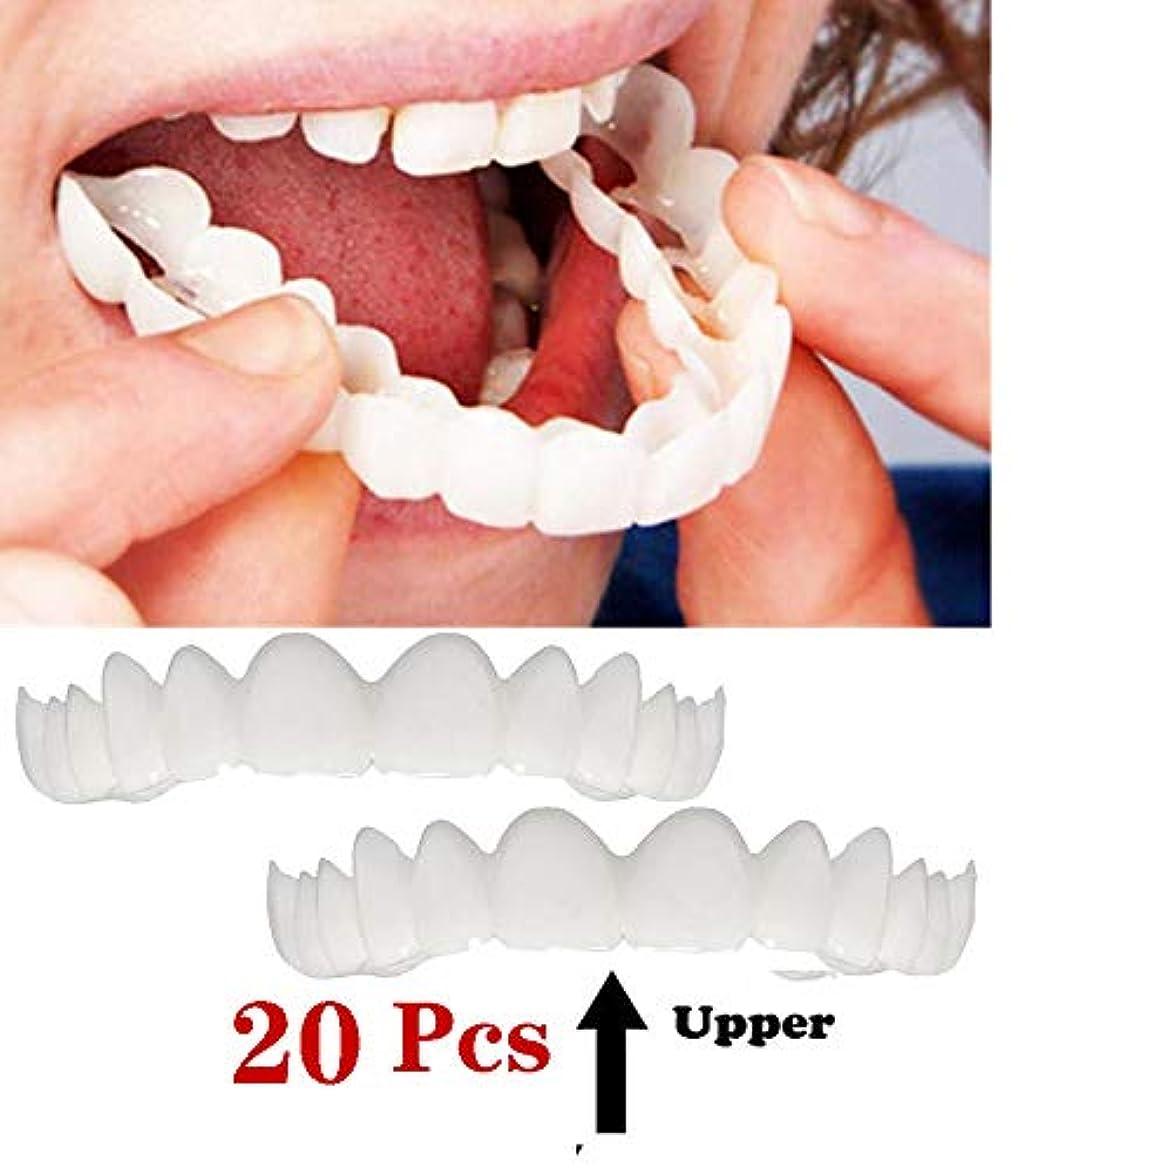 神経衰弱帰するエンジニアリング笑顔の義歯フィットフレックス化粧品の歯快適なベニヤカバー歯のスナップを白くする笑顔の歯化粧品の義歯、化粧品の歯20個